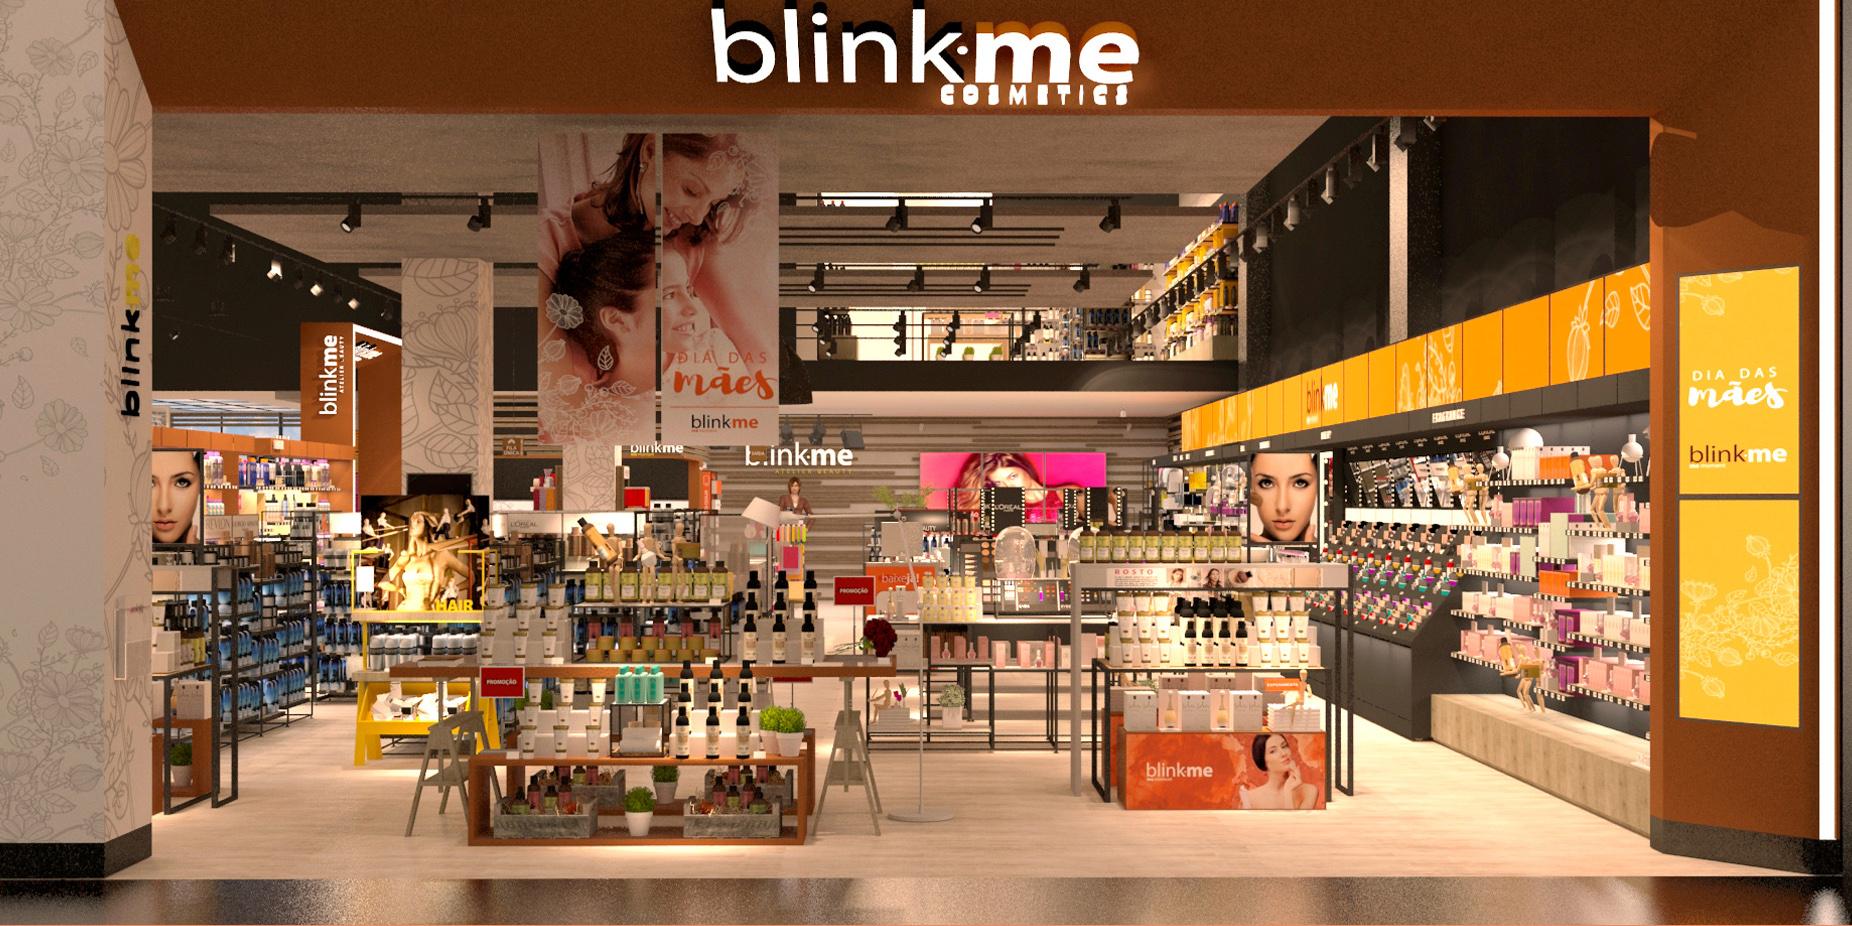 blink.me